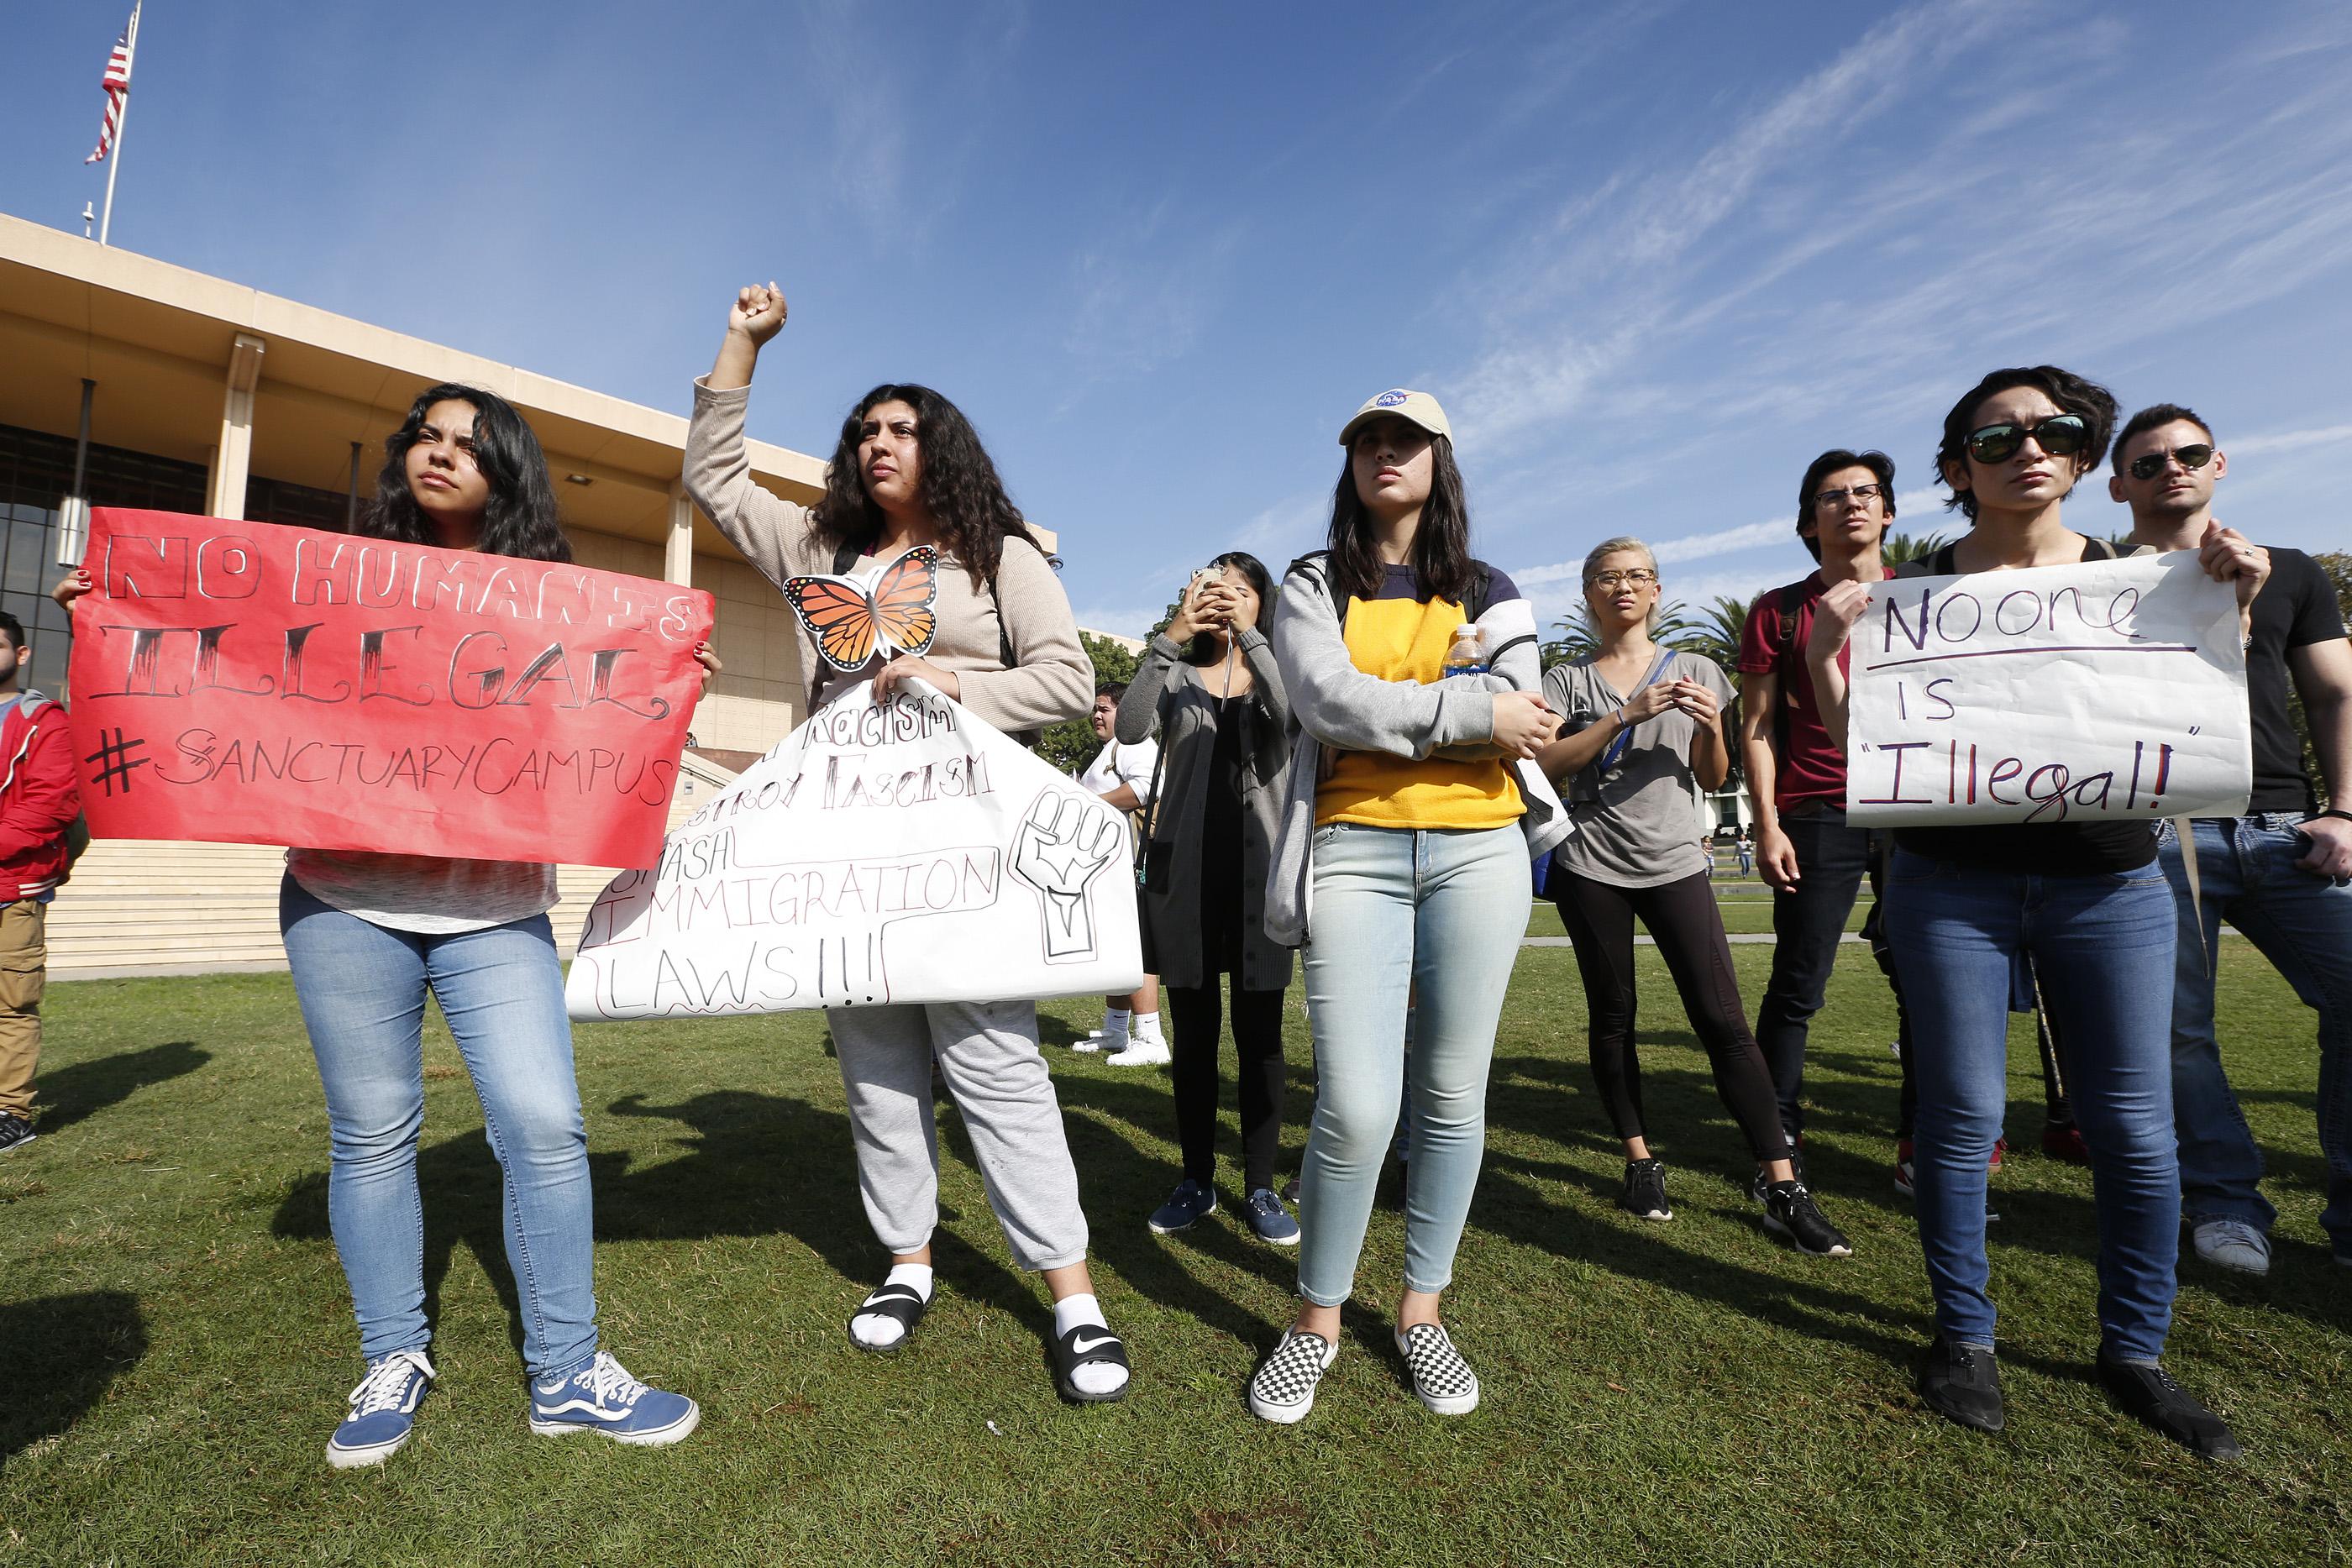 CSUN es una de las universidades que participó en el Día Nacional de Acción. (Foto: Aurelia Ventura/La Opinión)